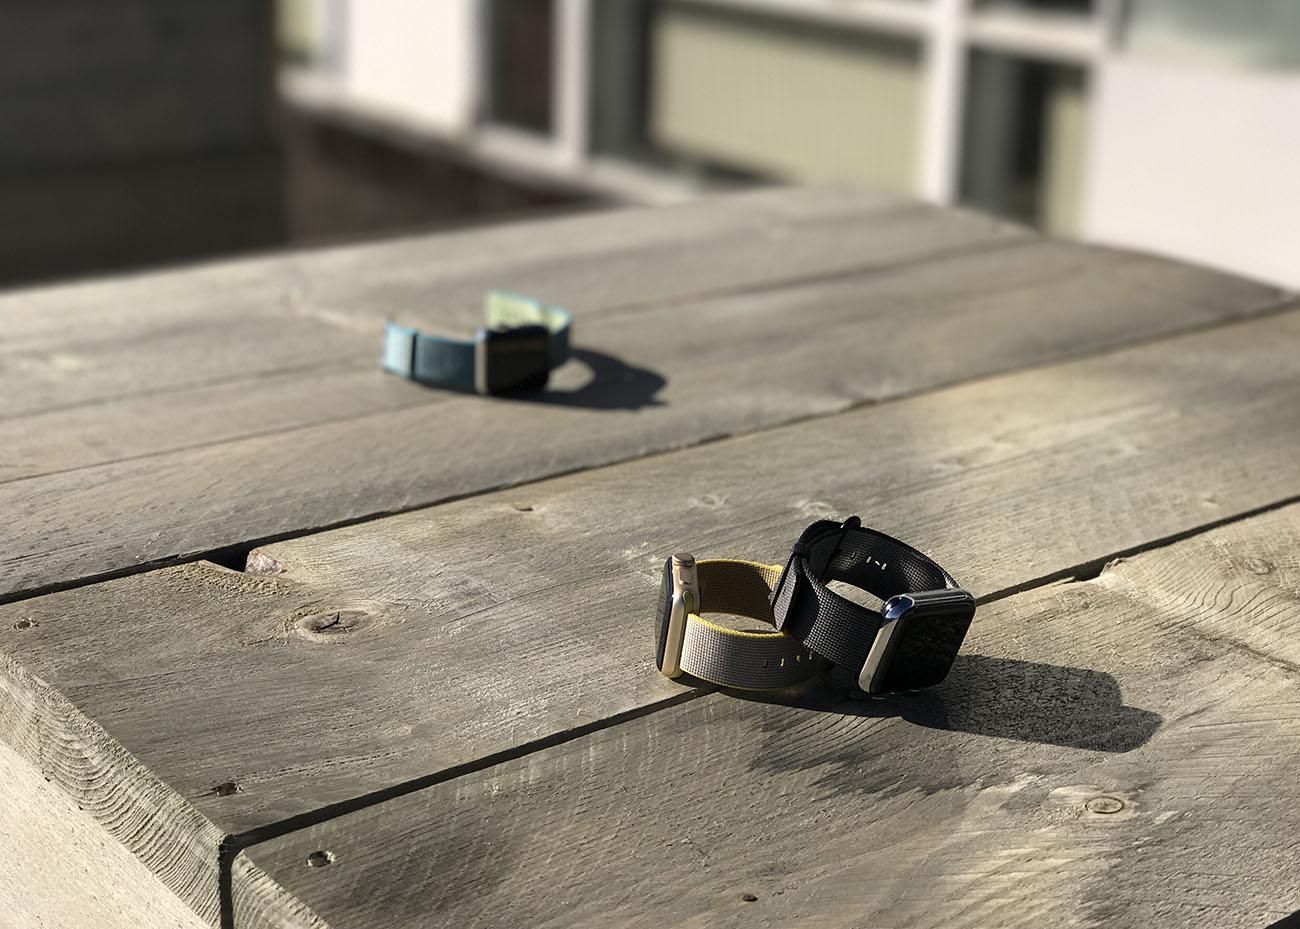 De Apple Watch Series 2, met op de achtergrond de eerste generatie